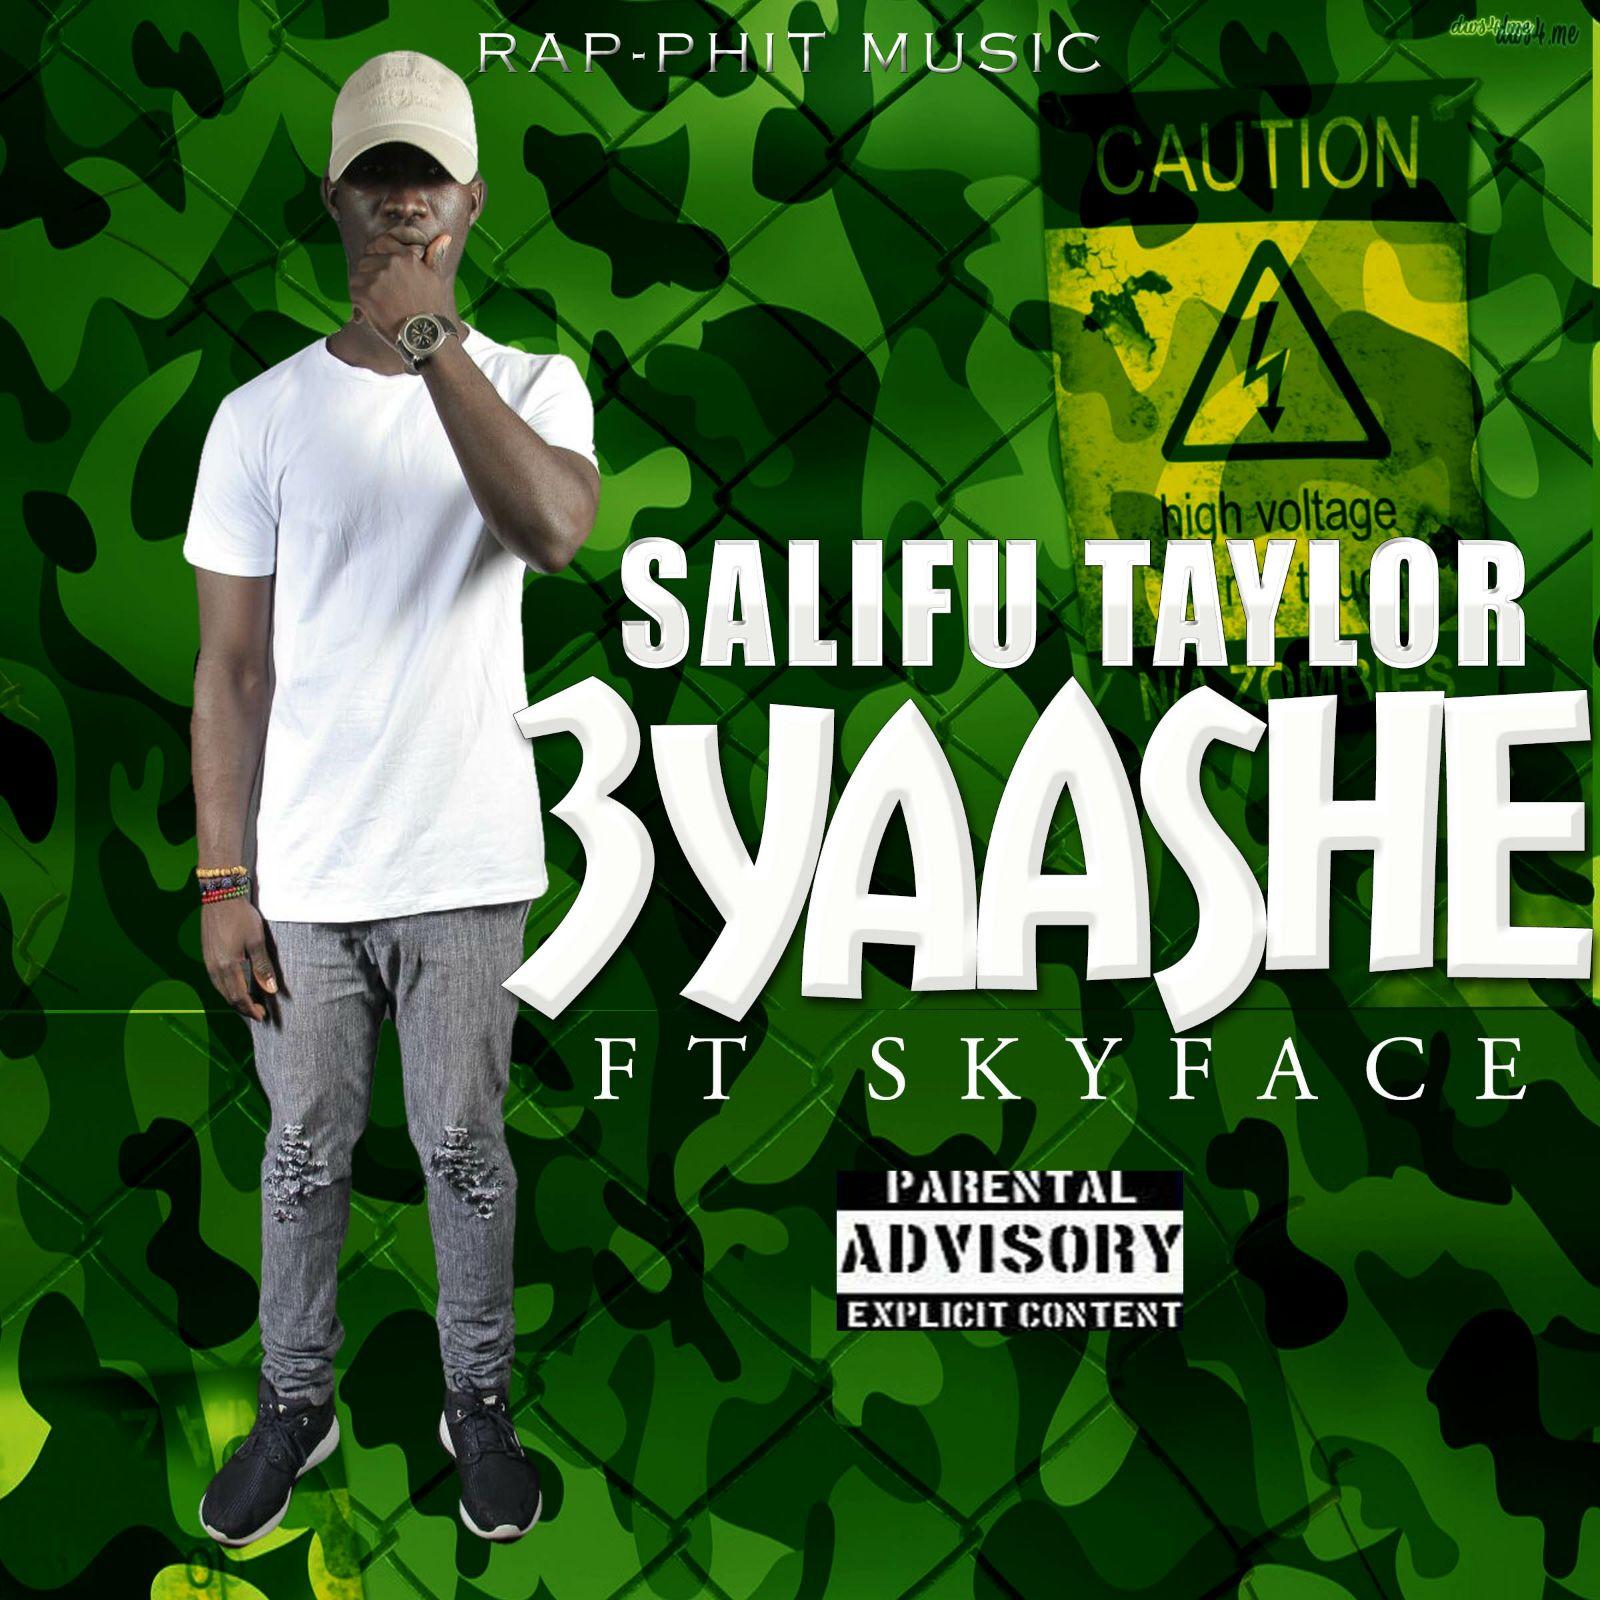 Salifu Taylor Ayaa Shi Ft